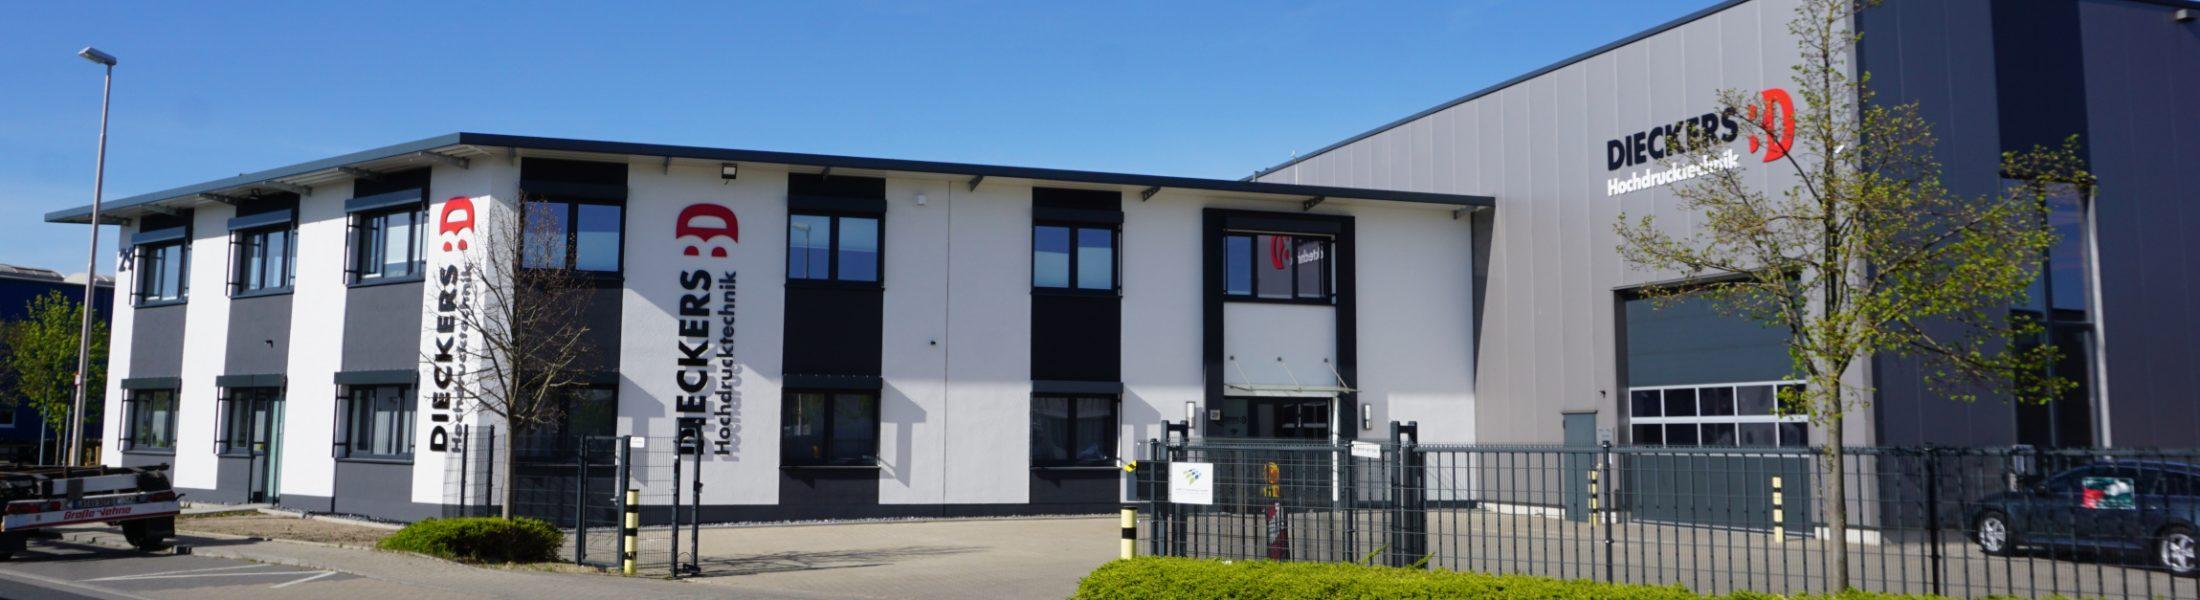 Abbildung Firmengebäude Dieckers